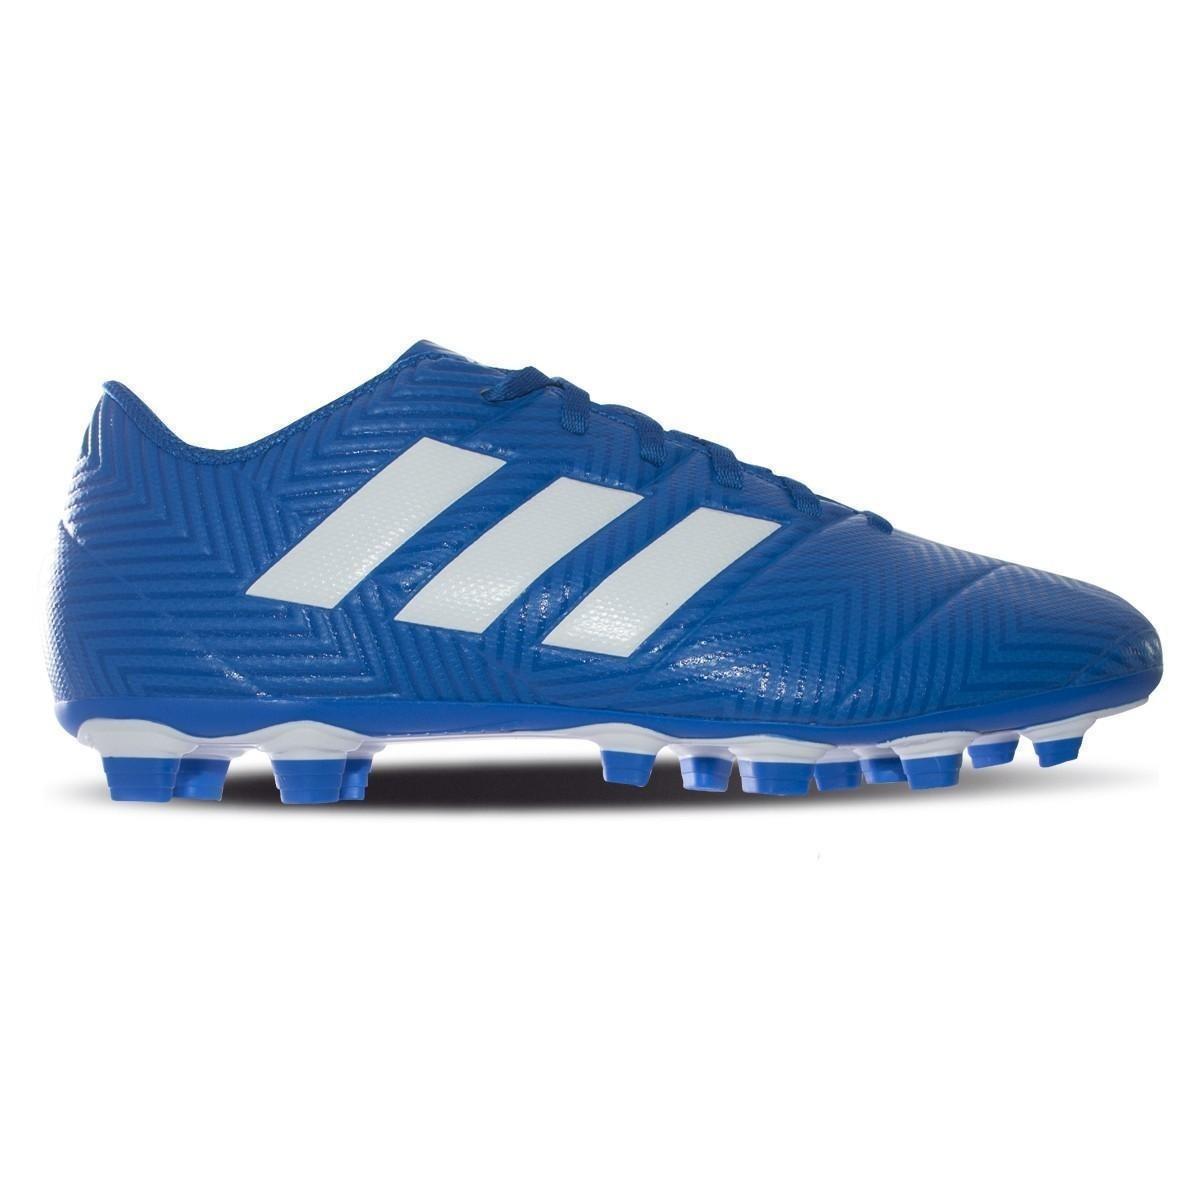 low priced 4debd aa8a6 chuteira campo adidas nemeziz 18 4 fg masculina azul branca. Carregando  zoom.